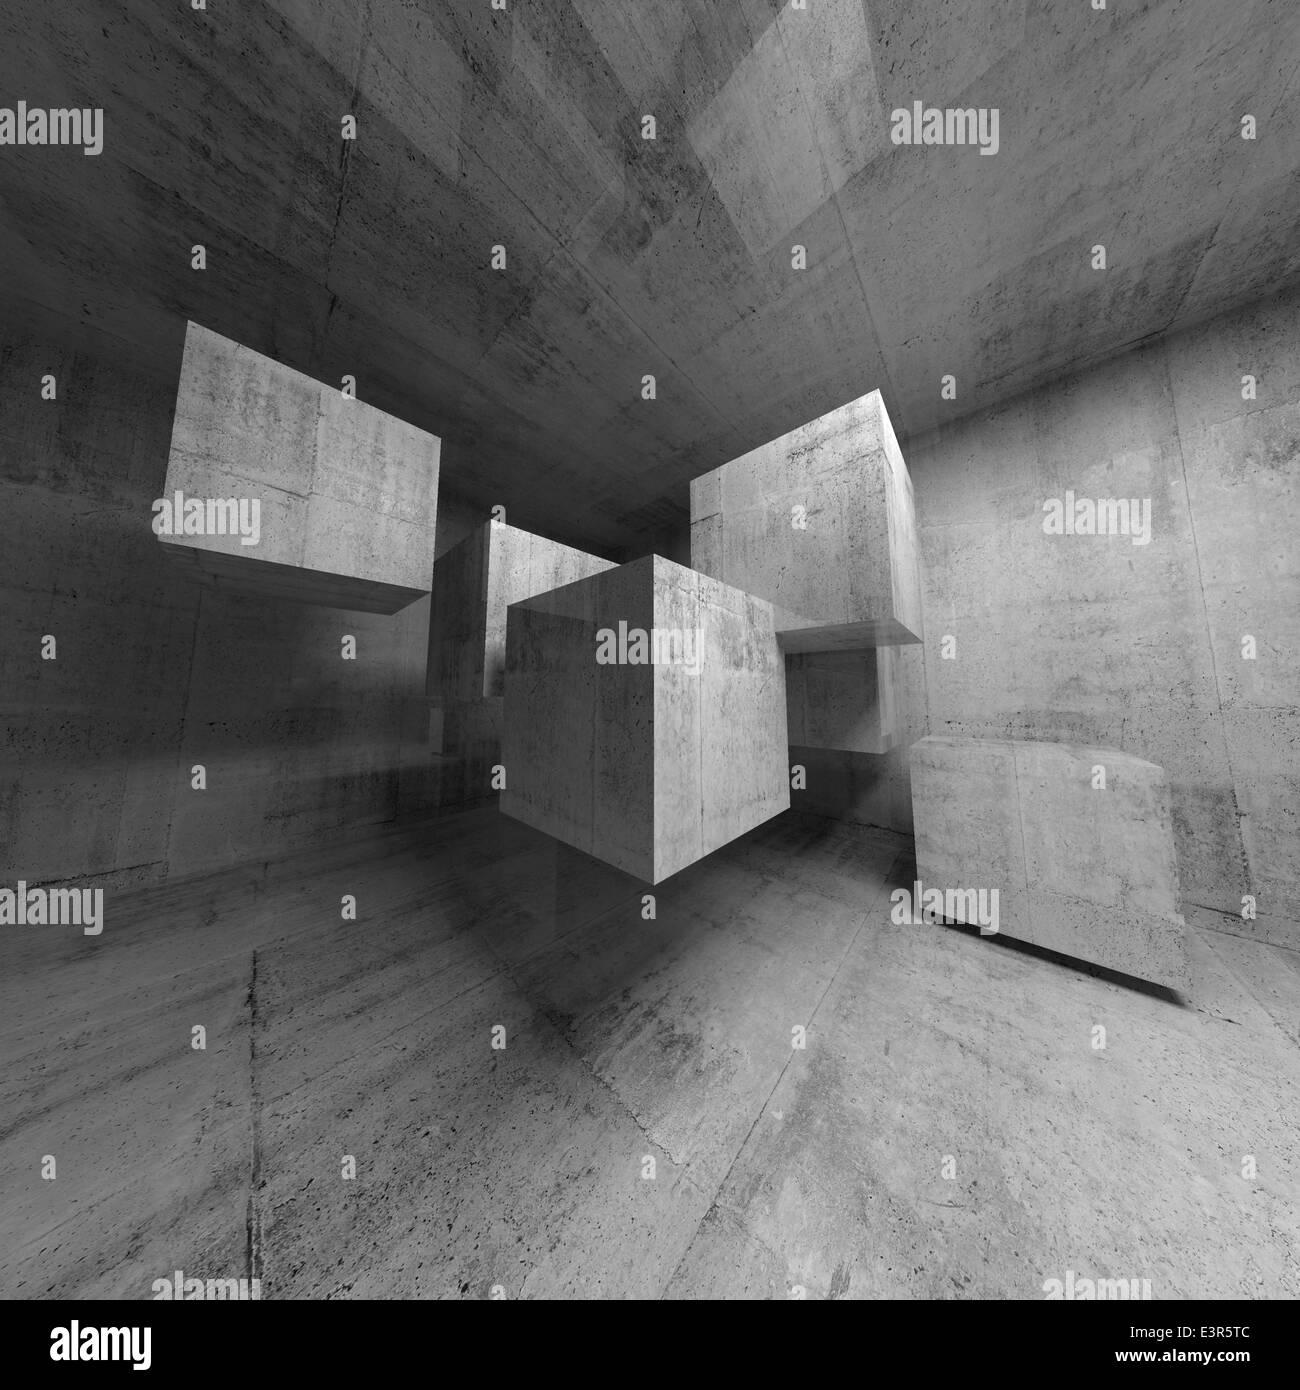 Abstrakte konkrete 3d Interieur mit fliegende Würfel Stockfoto, Bild ...